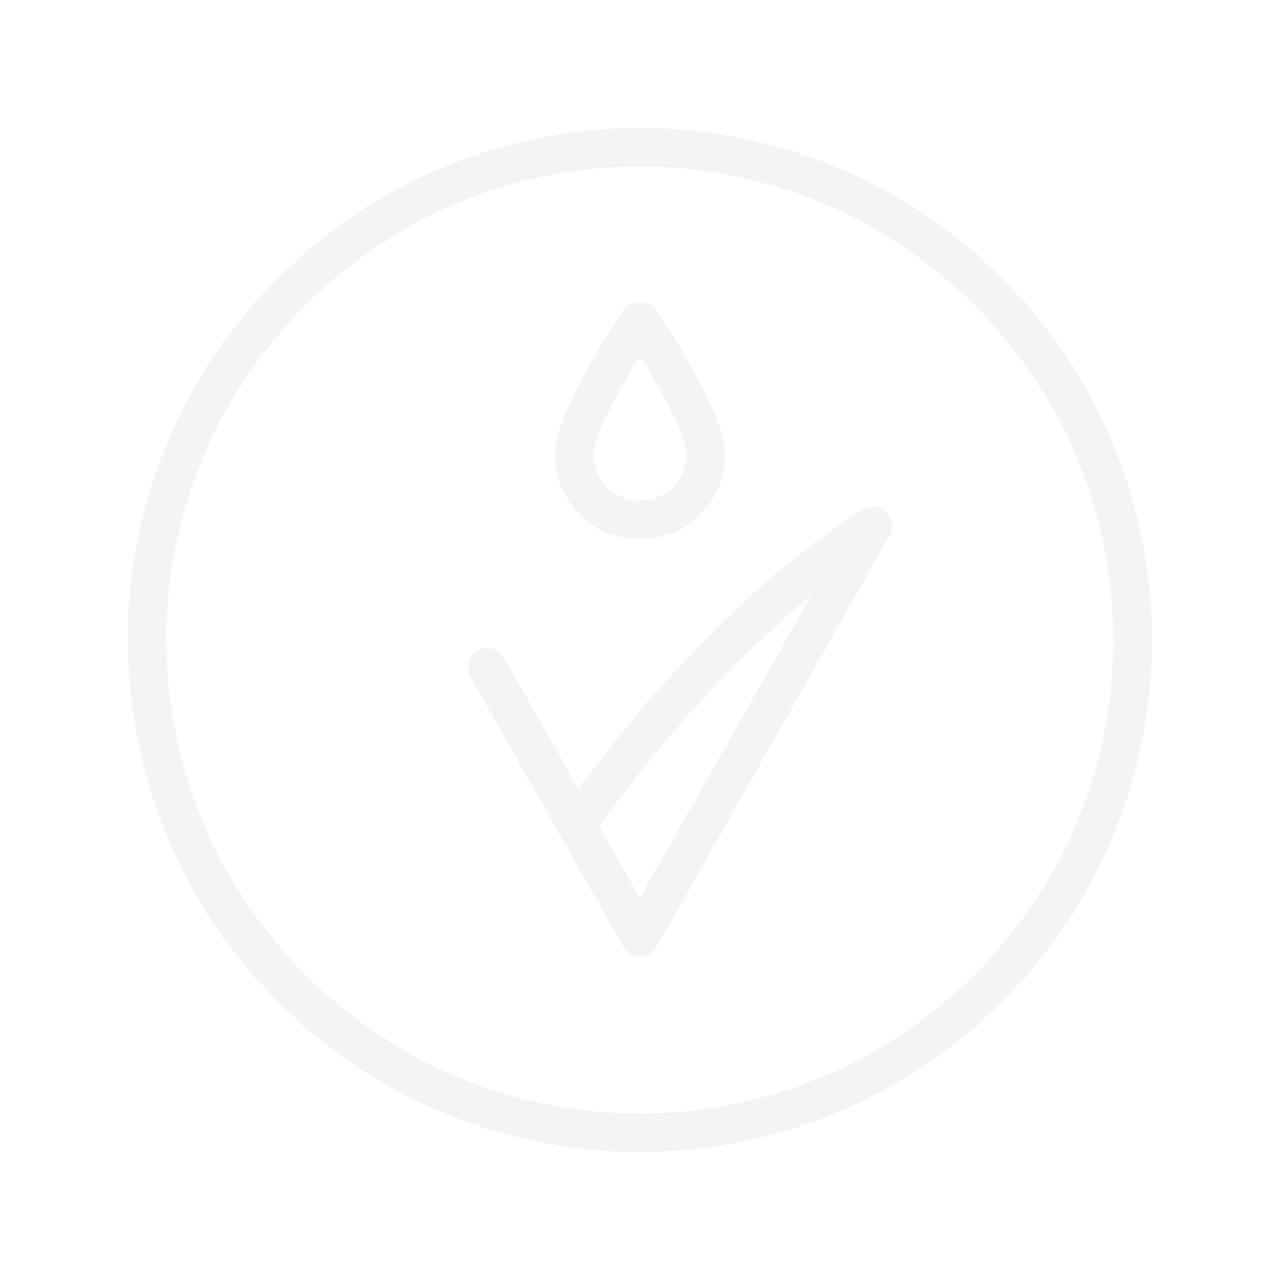 MIZON Joyful Time Essence Aloe Mask 23g